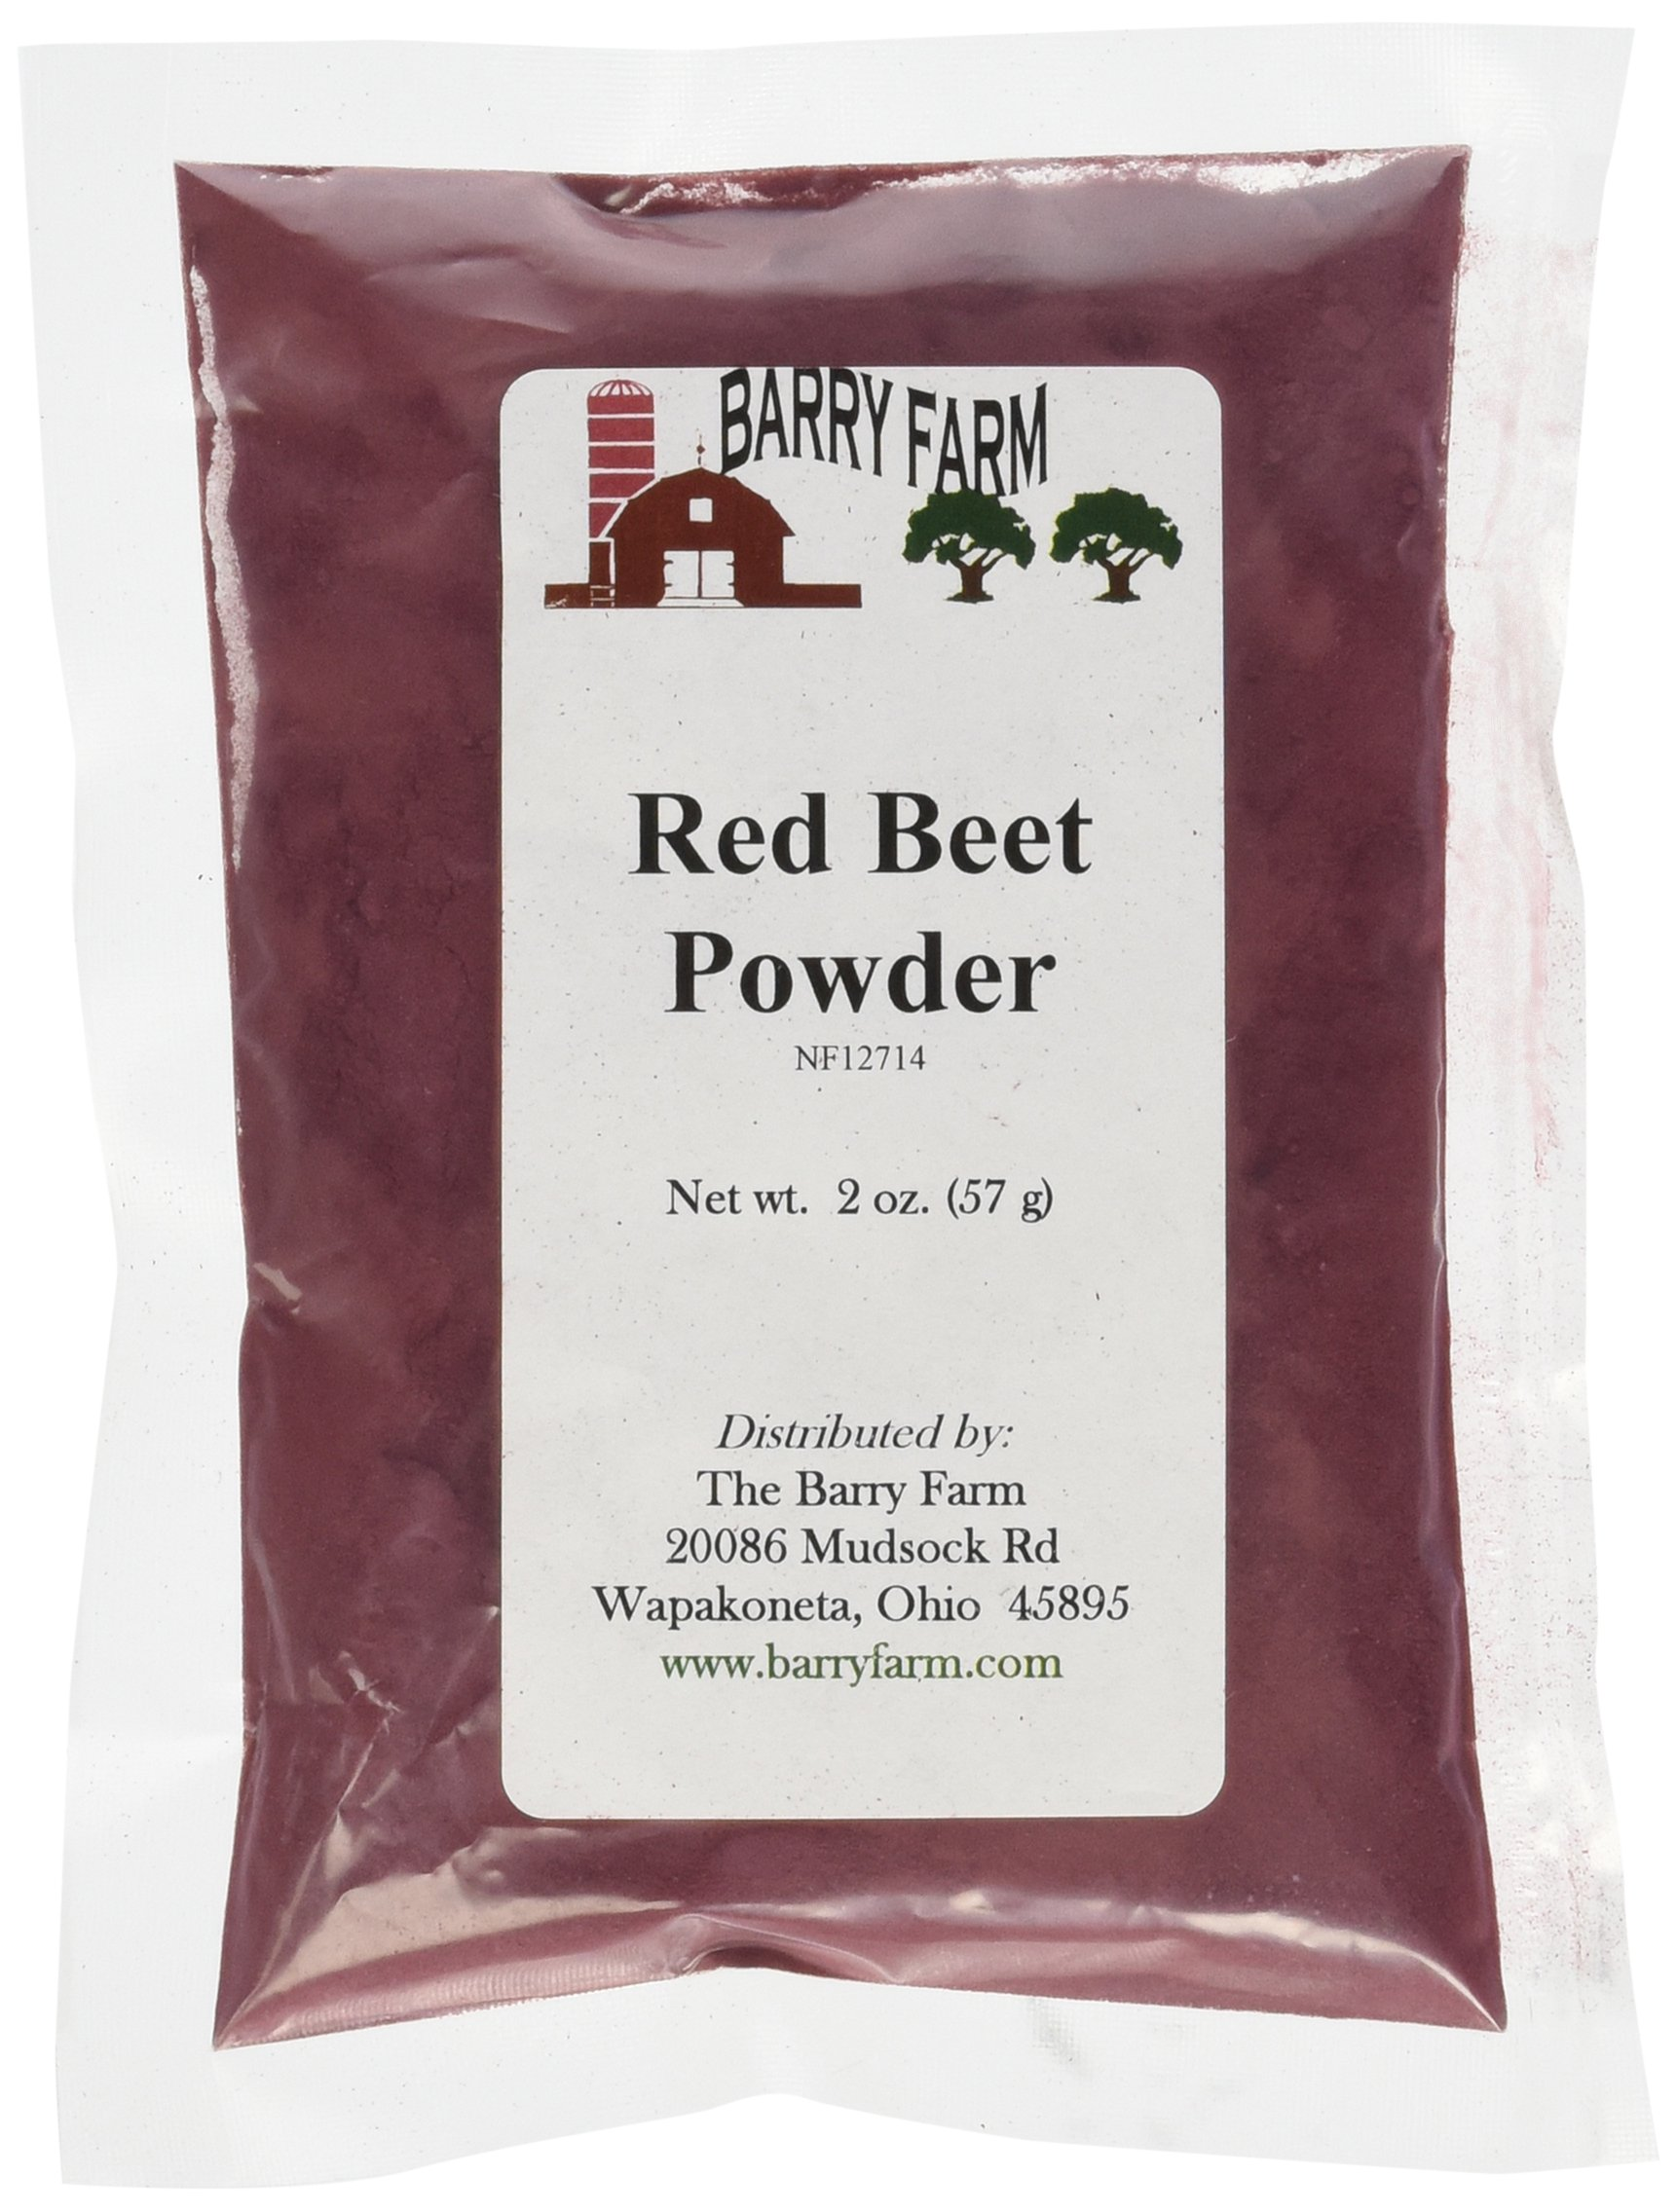 Red Beet Powder 2 oz. by Barry Farm